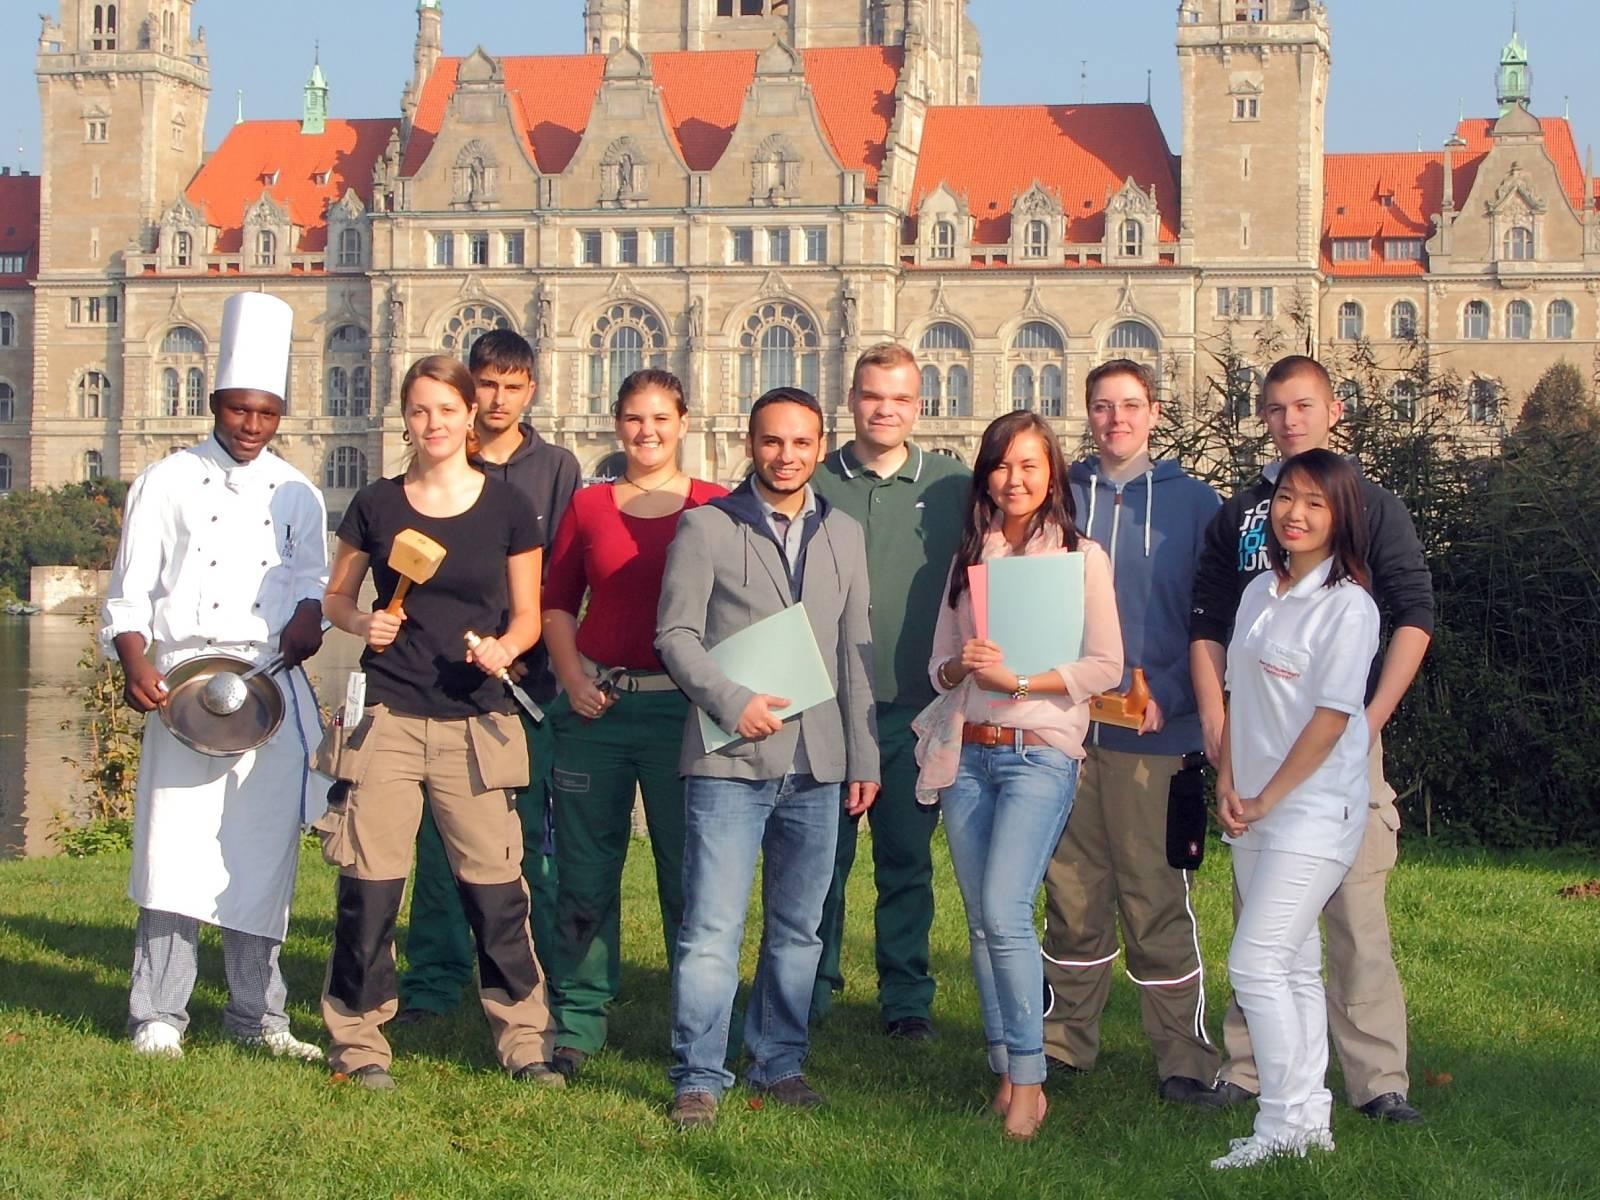 Zehn Auszubildende - zum Teil in Berufsbekleidung - vor dem Hannoverschen Rathaus